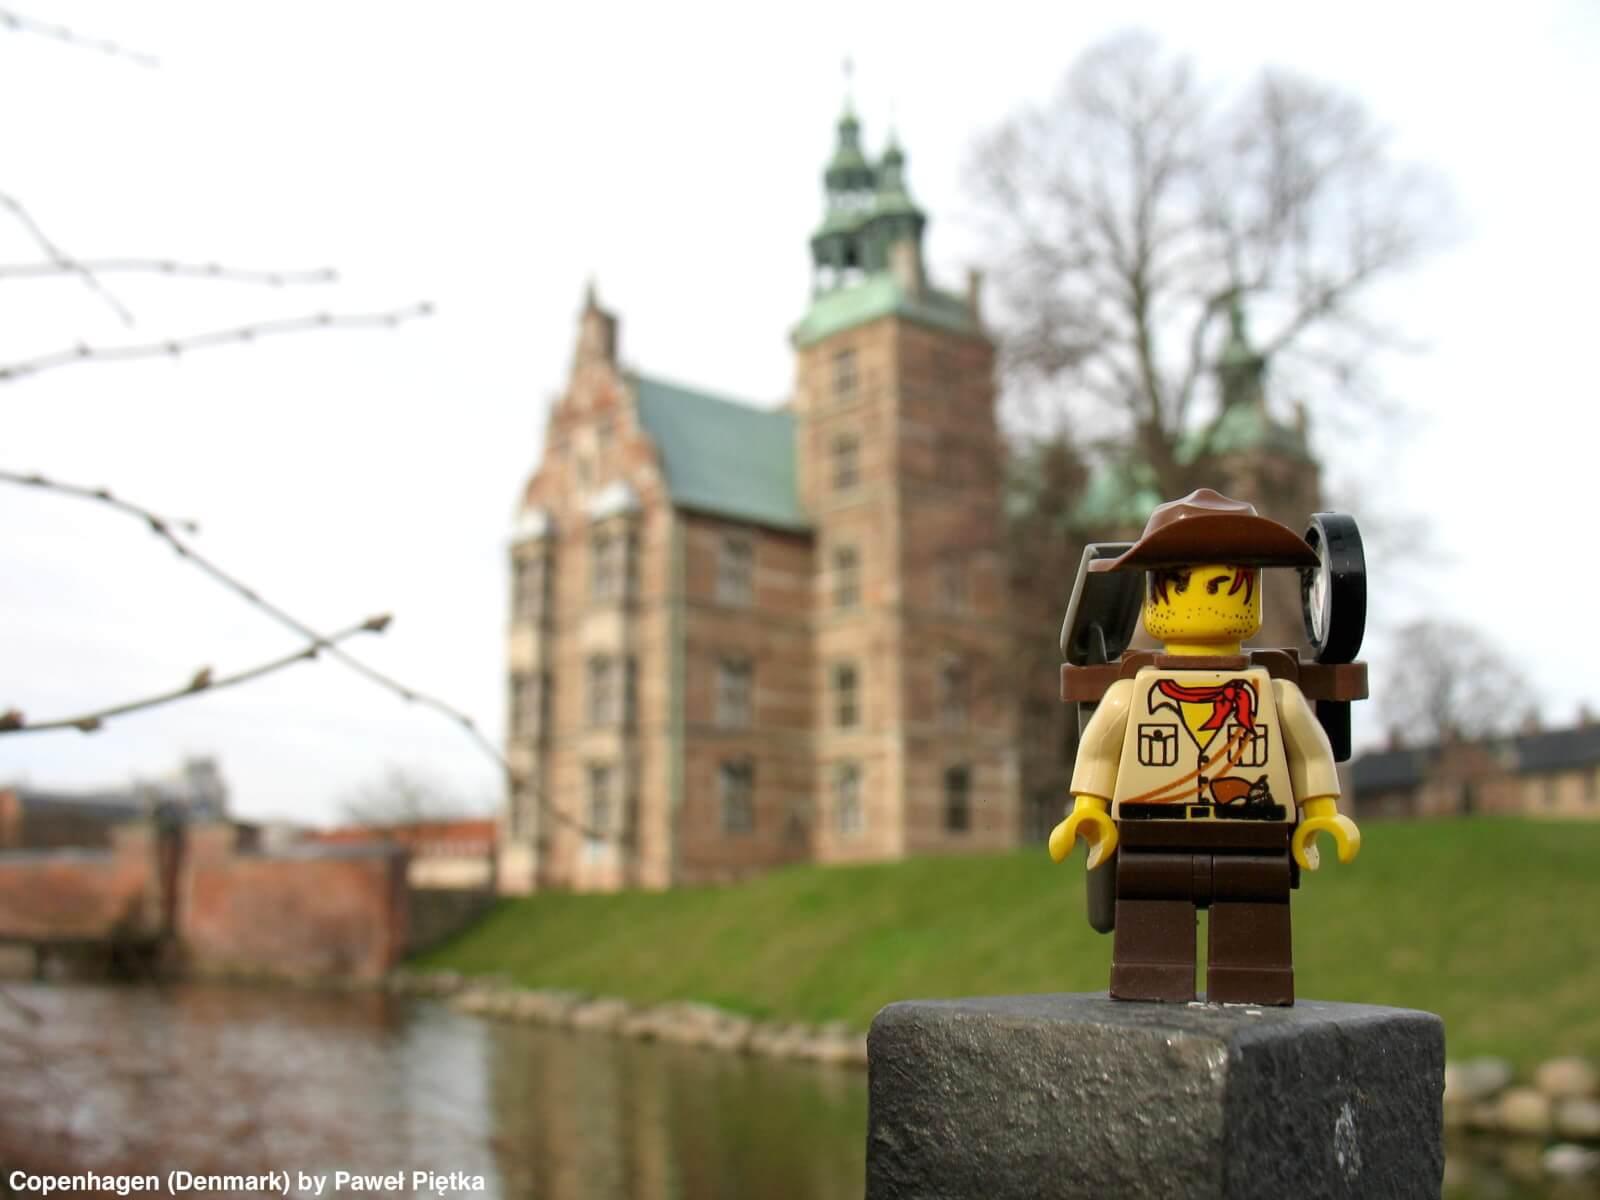 Copenhagen (Denmark) - Rosenborg Castle